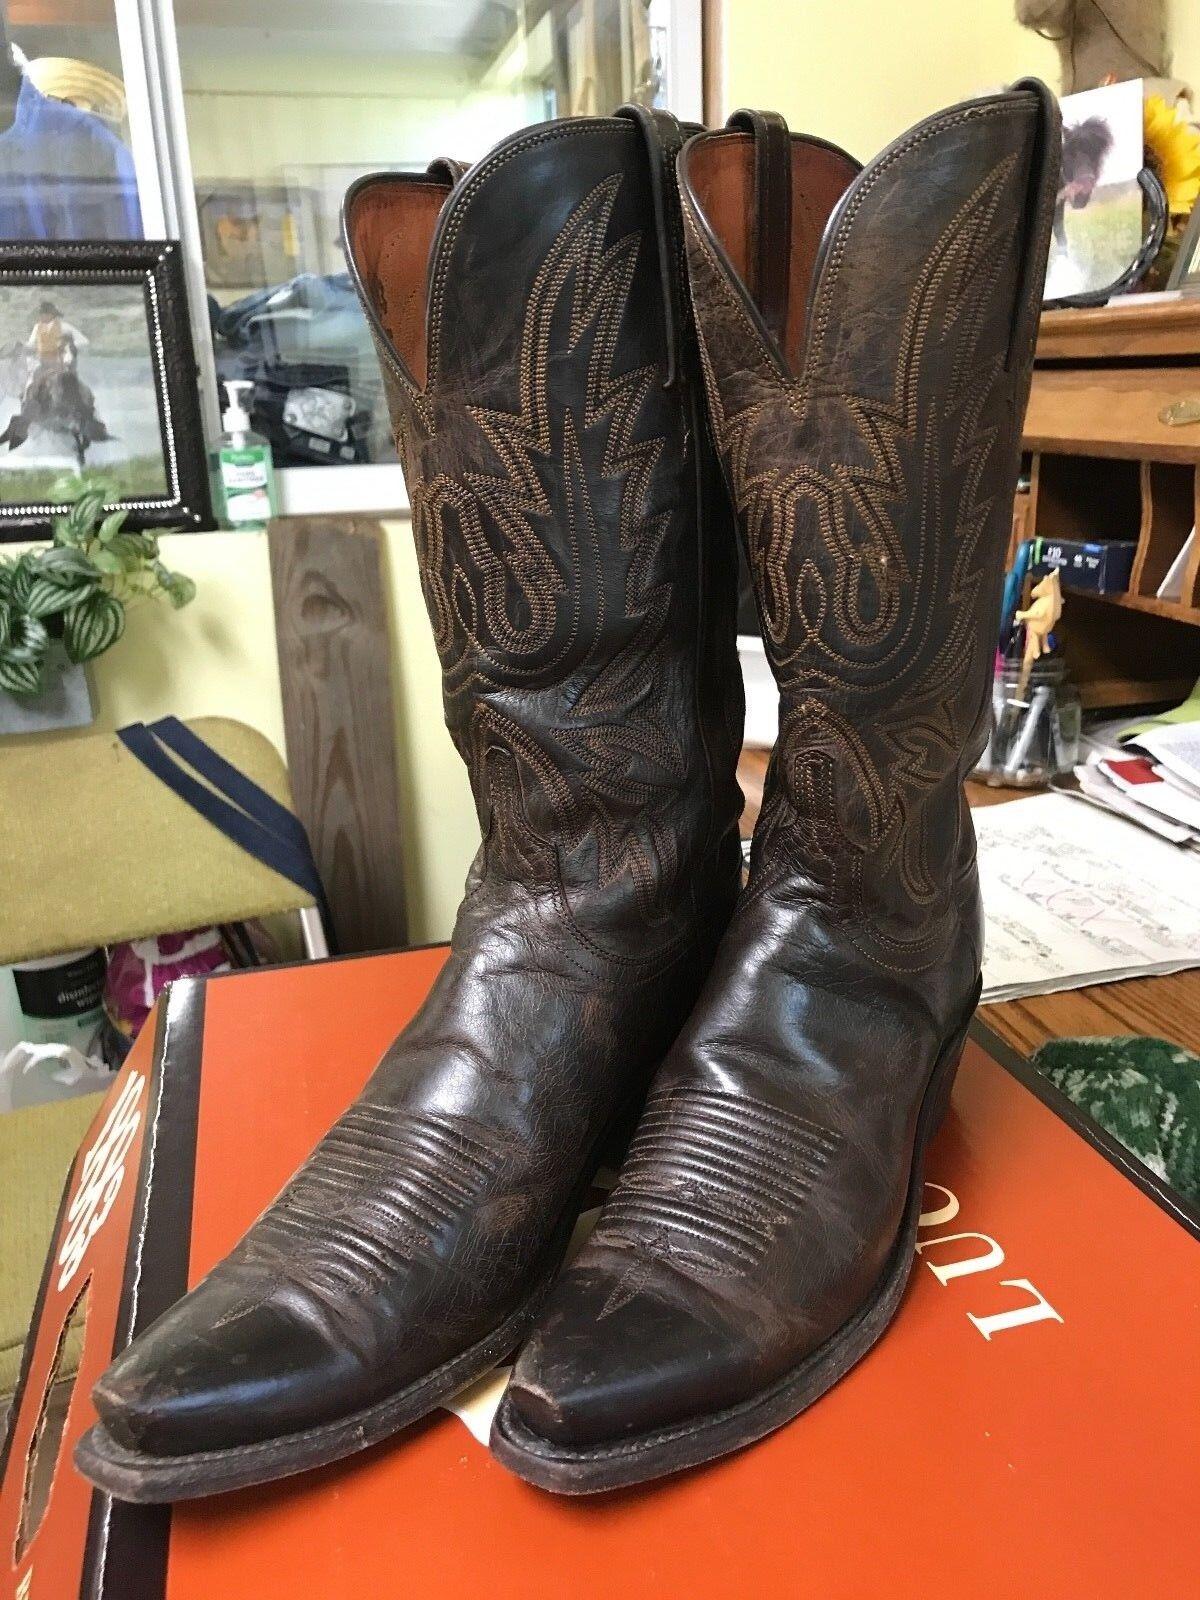 tutto in alta qualità e prezzo basso Lucchese donna donna donna nero Burnished Ranch Western stivali 8.5B  marchi di stilisti economici